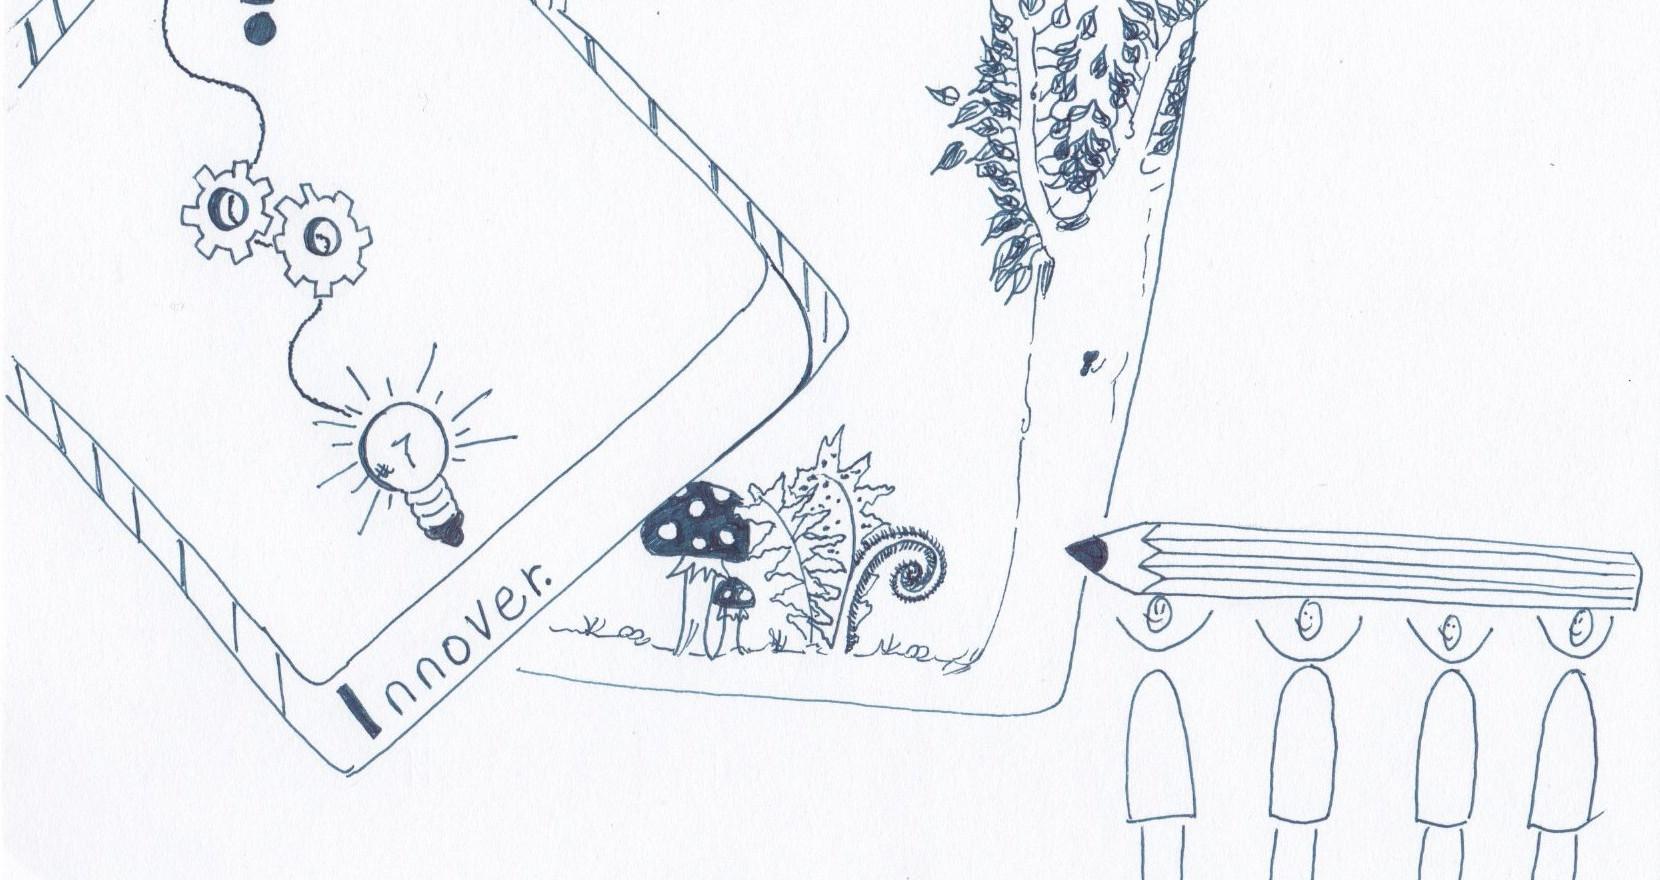 L'accompagnement par le dessin- donner du sens -Drawthelight Facilitation